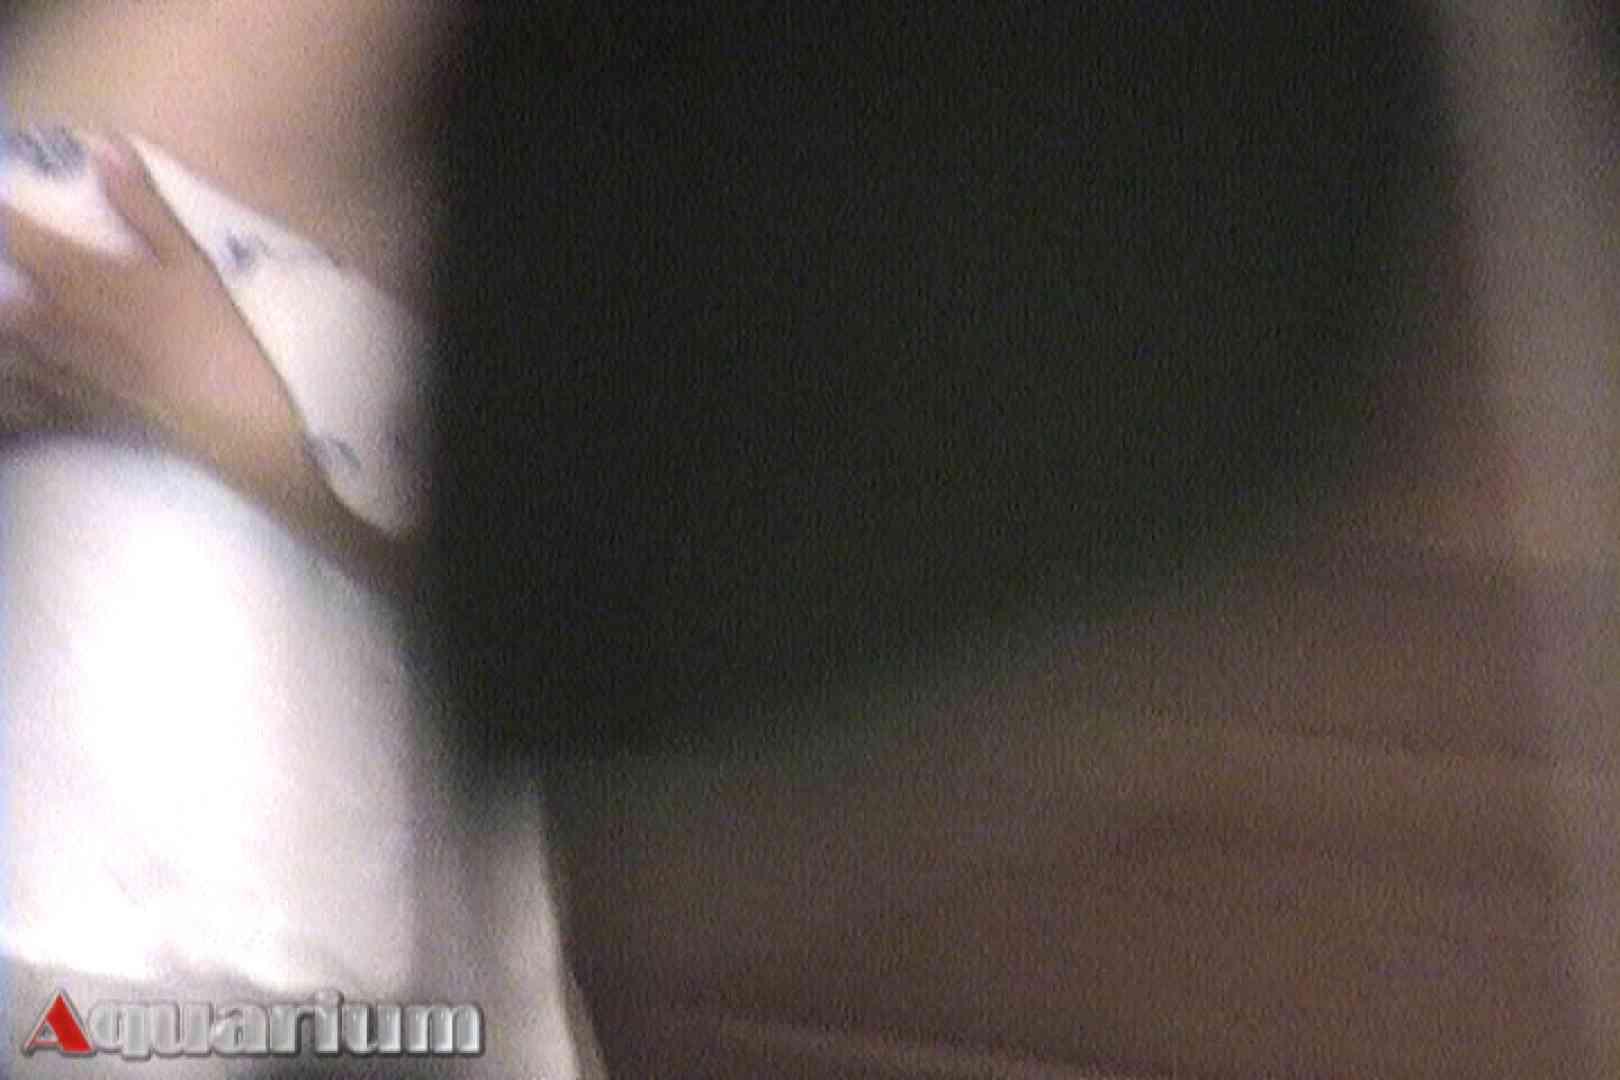 旅館脱衣所お着替え盗撮 Vol.01 女体盗撮 | OL女体  54連発 45